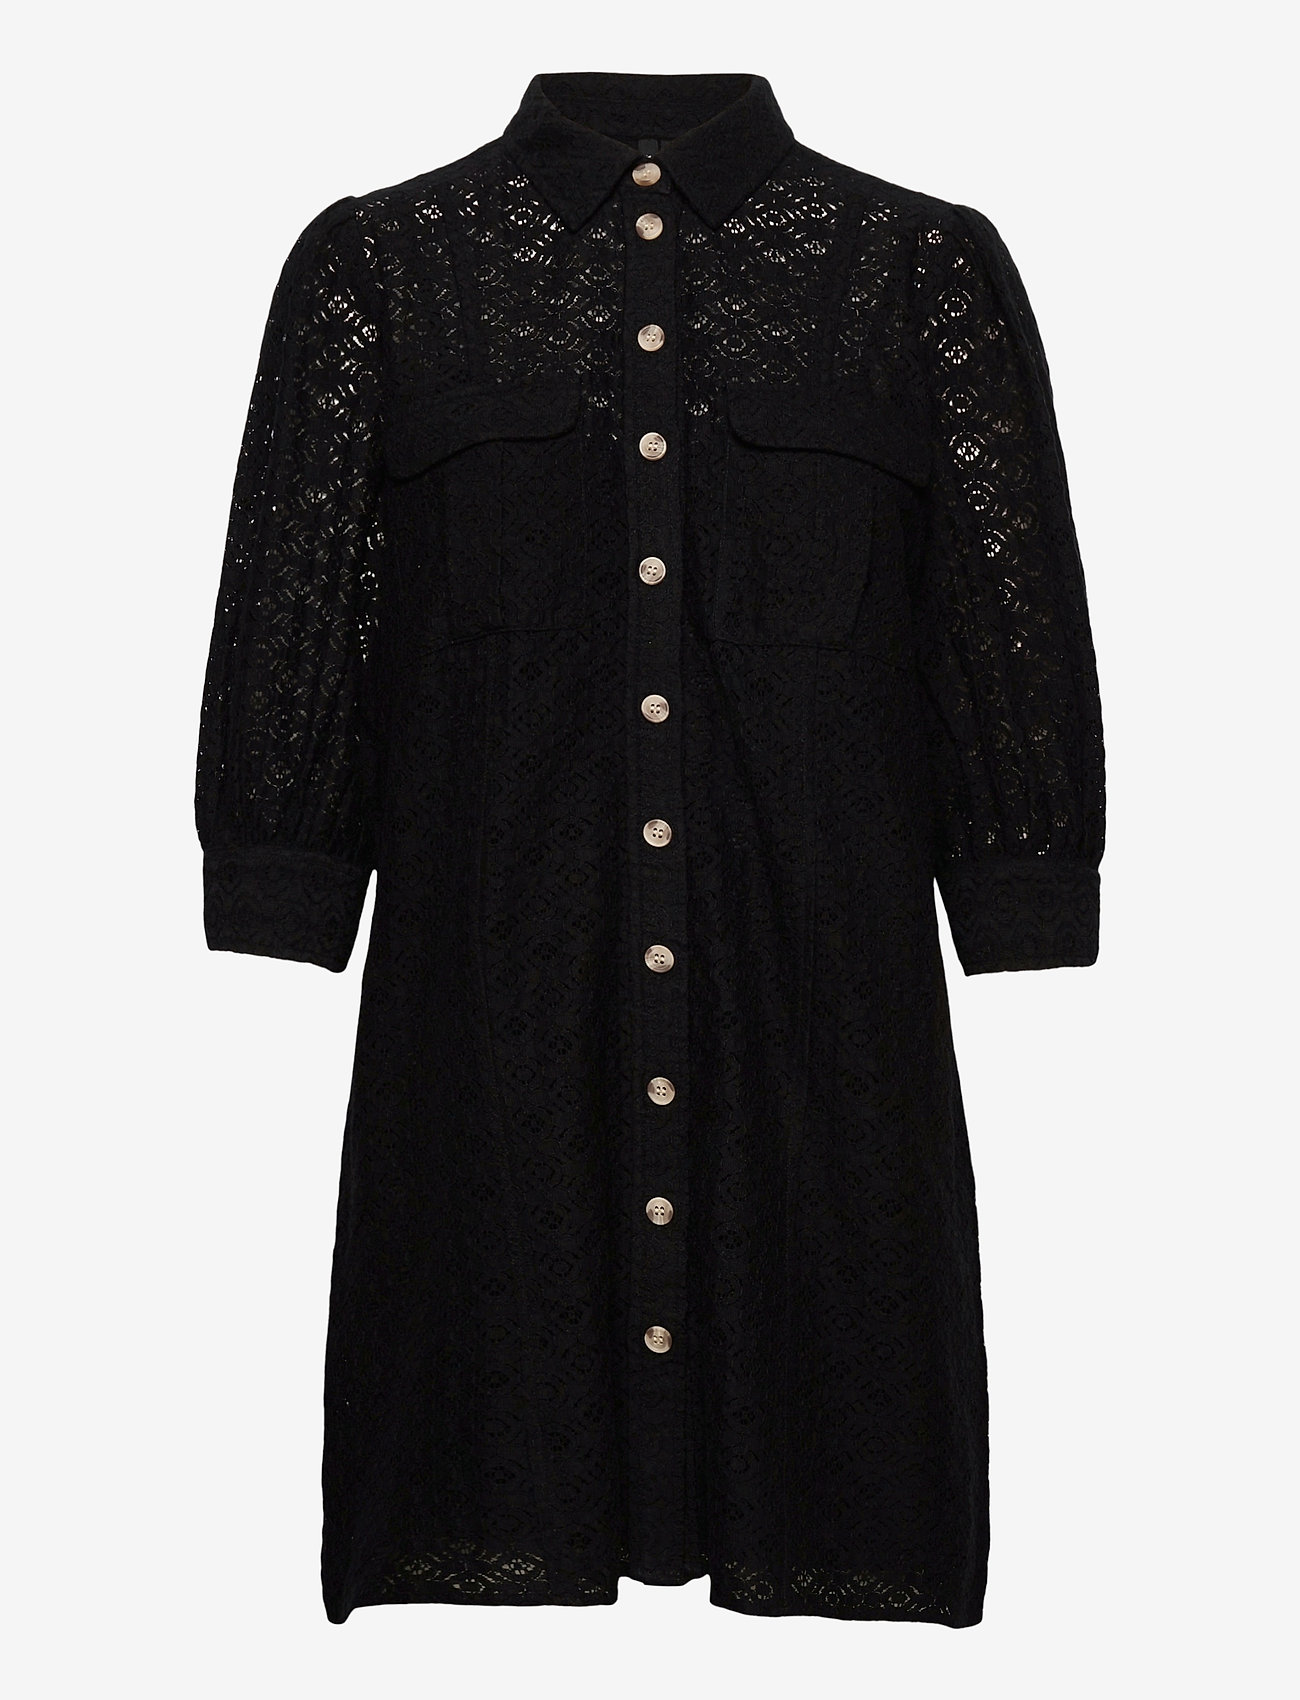 Vero Moda - VMHENNY LACE 3/4 SHORT SHIRT DRESS EXP - vardagsklänningar - black - 0